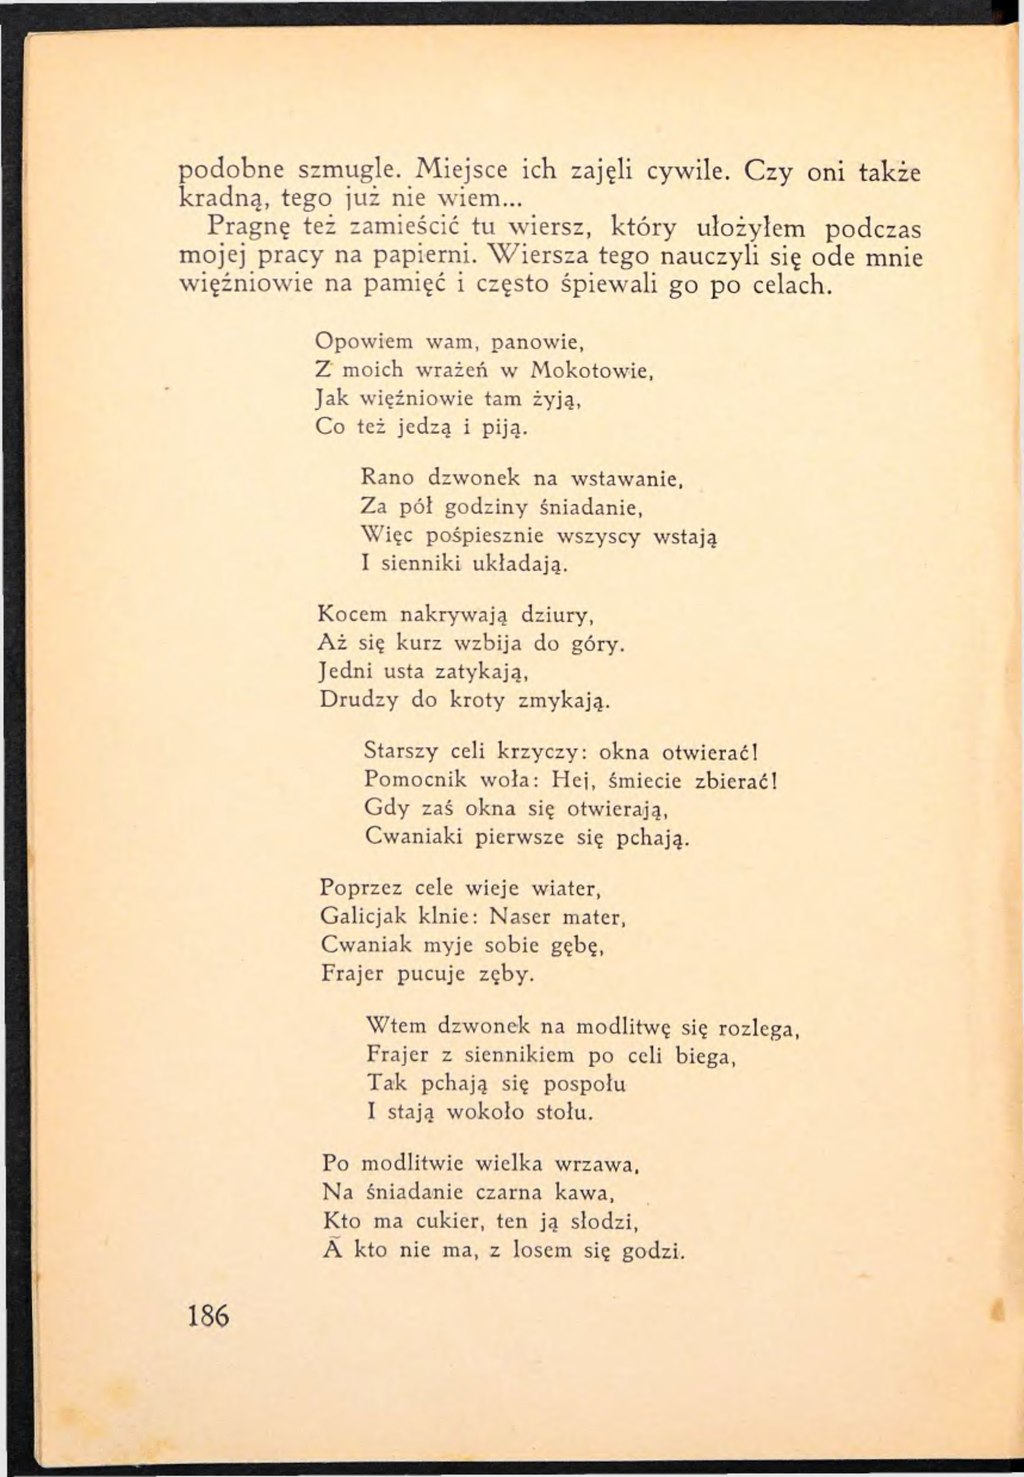 Stronaurke Nachalnik żywe Grobowcedjvu190 Wikiźródła